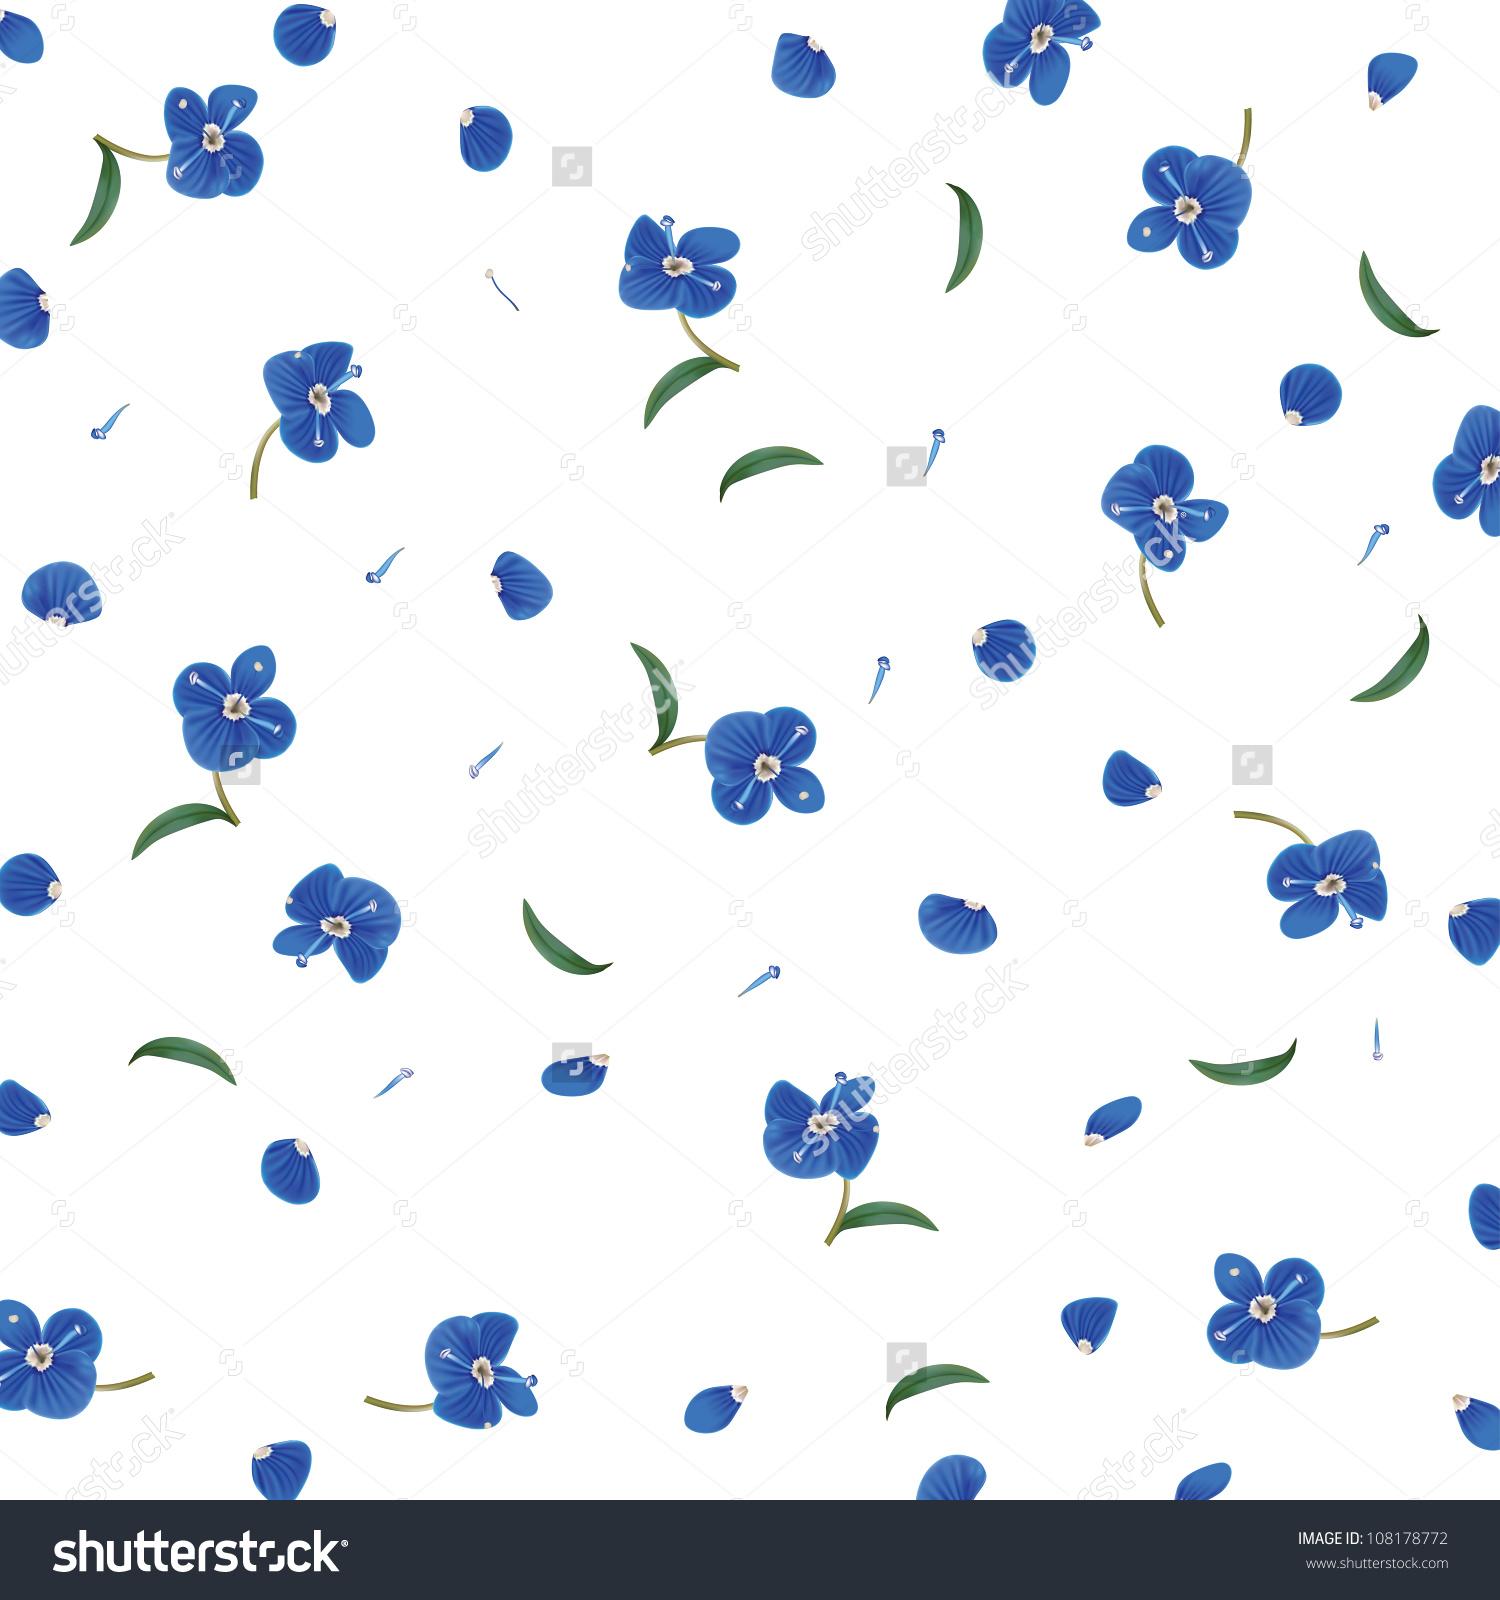 Blue Petals Clip Art.